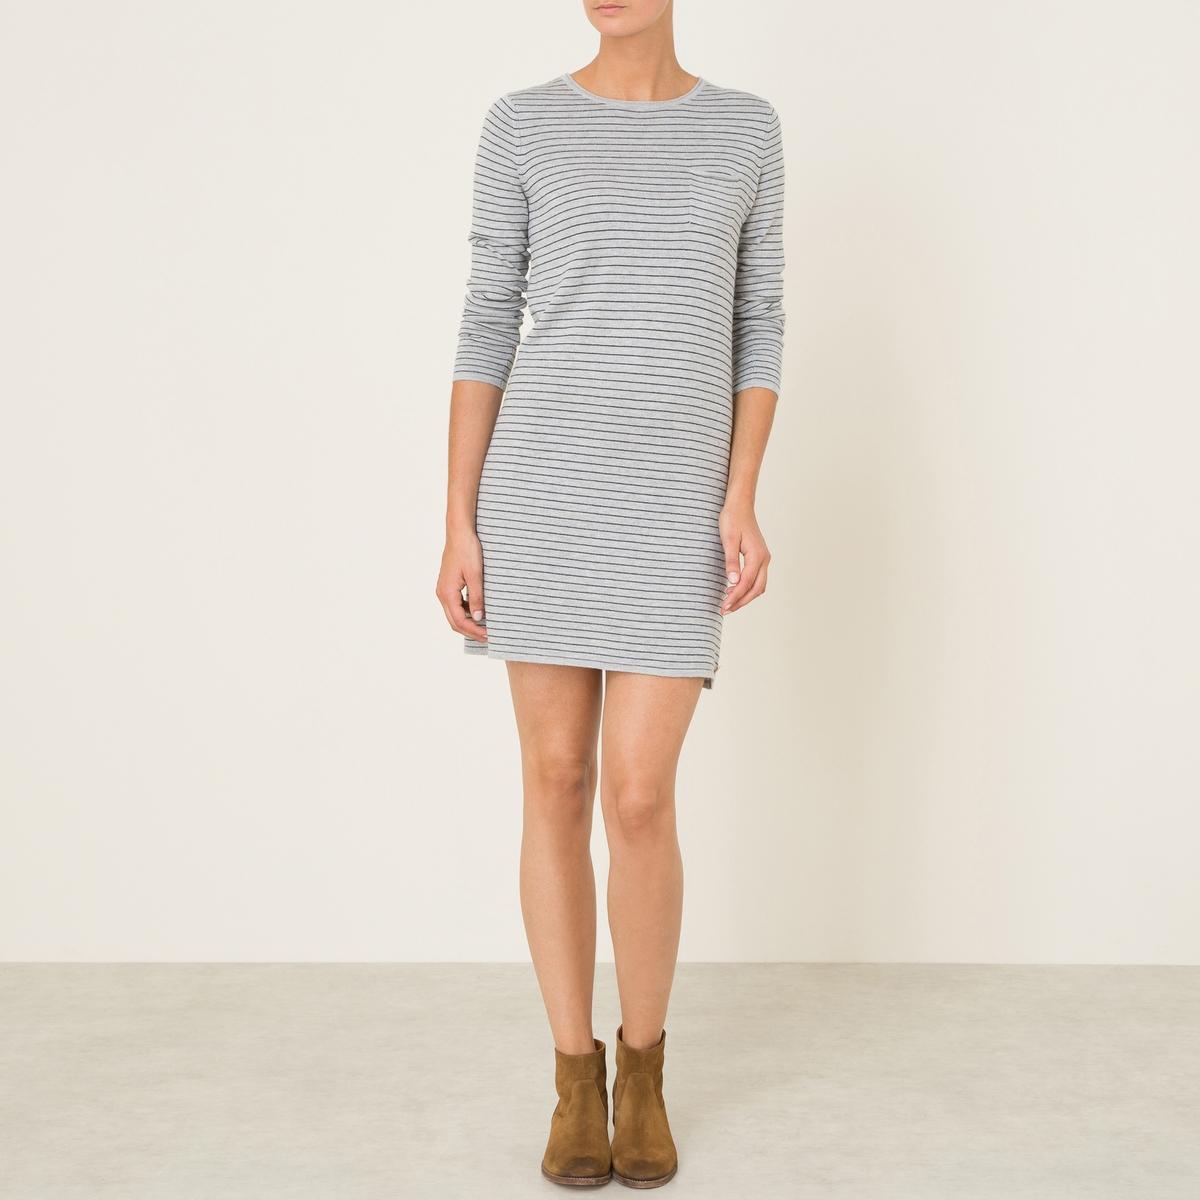 Платье-миди TANTALEПлатье-миди HARRIS WILSON - модель TANTALE. Трикотаж в полоску. Свободный вырез. 1 нагрудный карман. Длинные рукава.Состав и описание Материал : 30% хлопка, 30% полиамида, 25% шерсти, 12% вискозы, 3% кашемираДлина : 85 см (для размера 2)Марка : HARRIS WILSON<br><br>Цвет: серый/ темно-синий<br>Размер: S